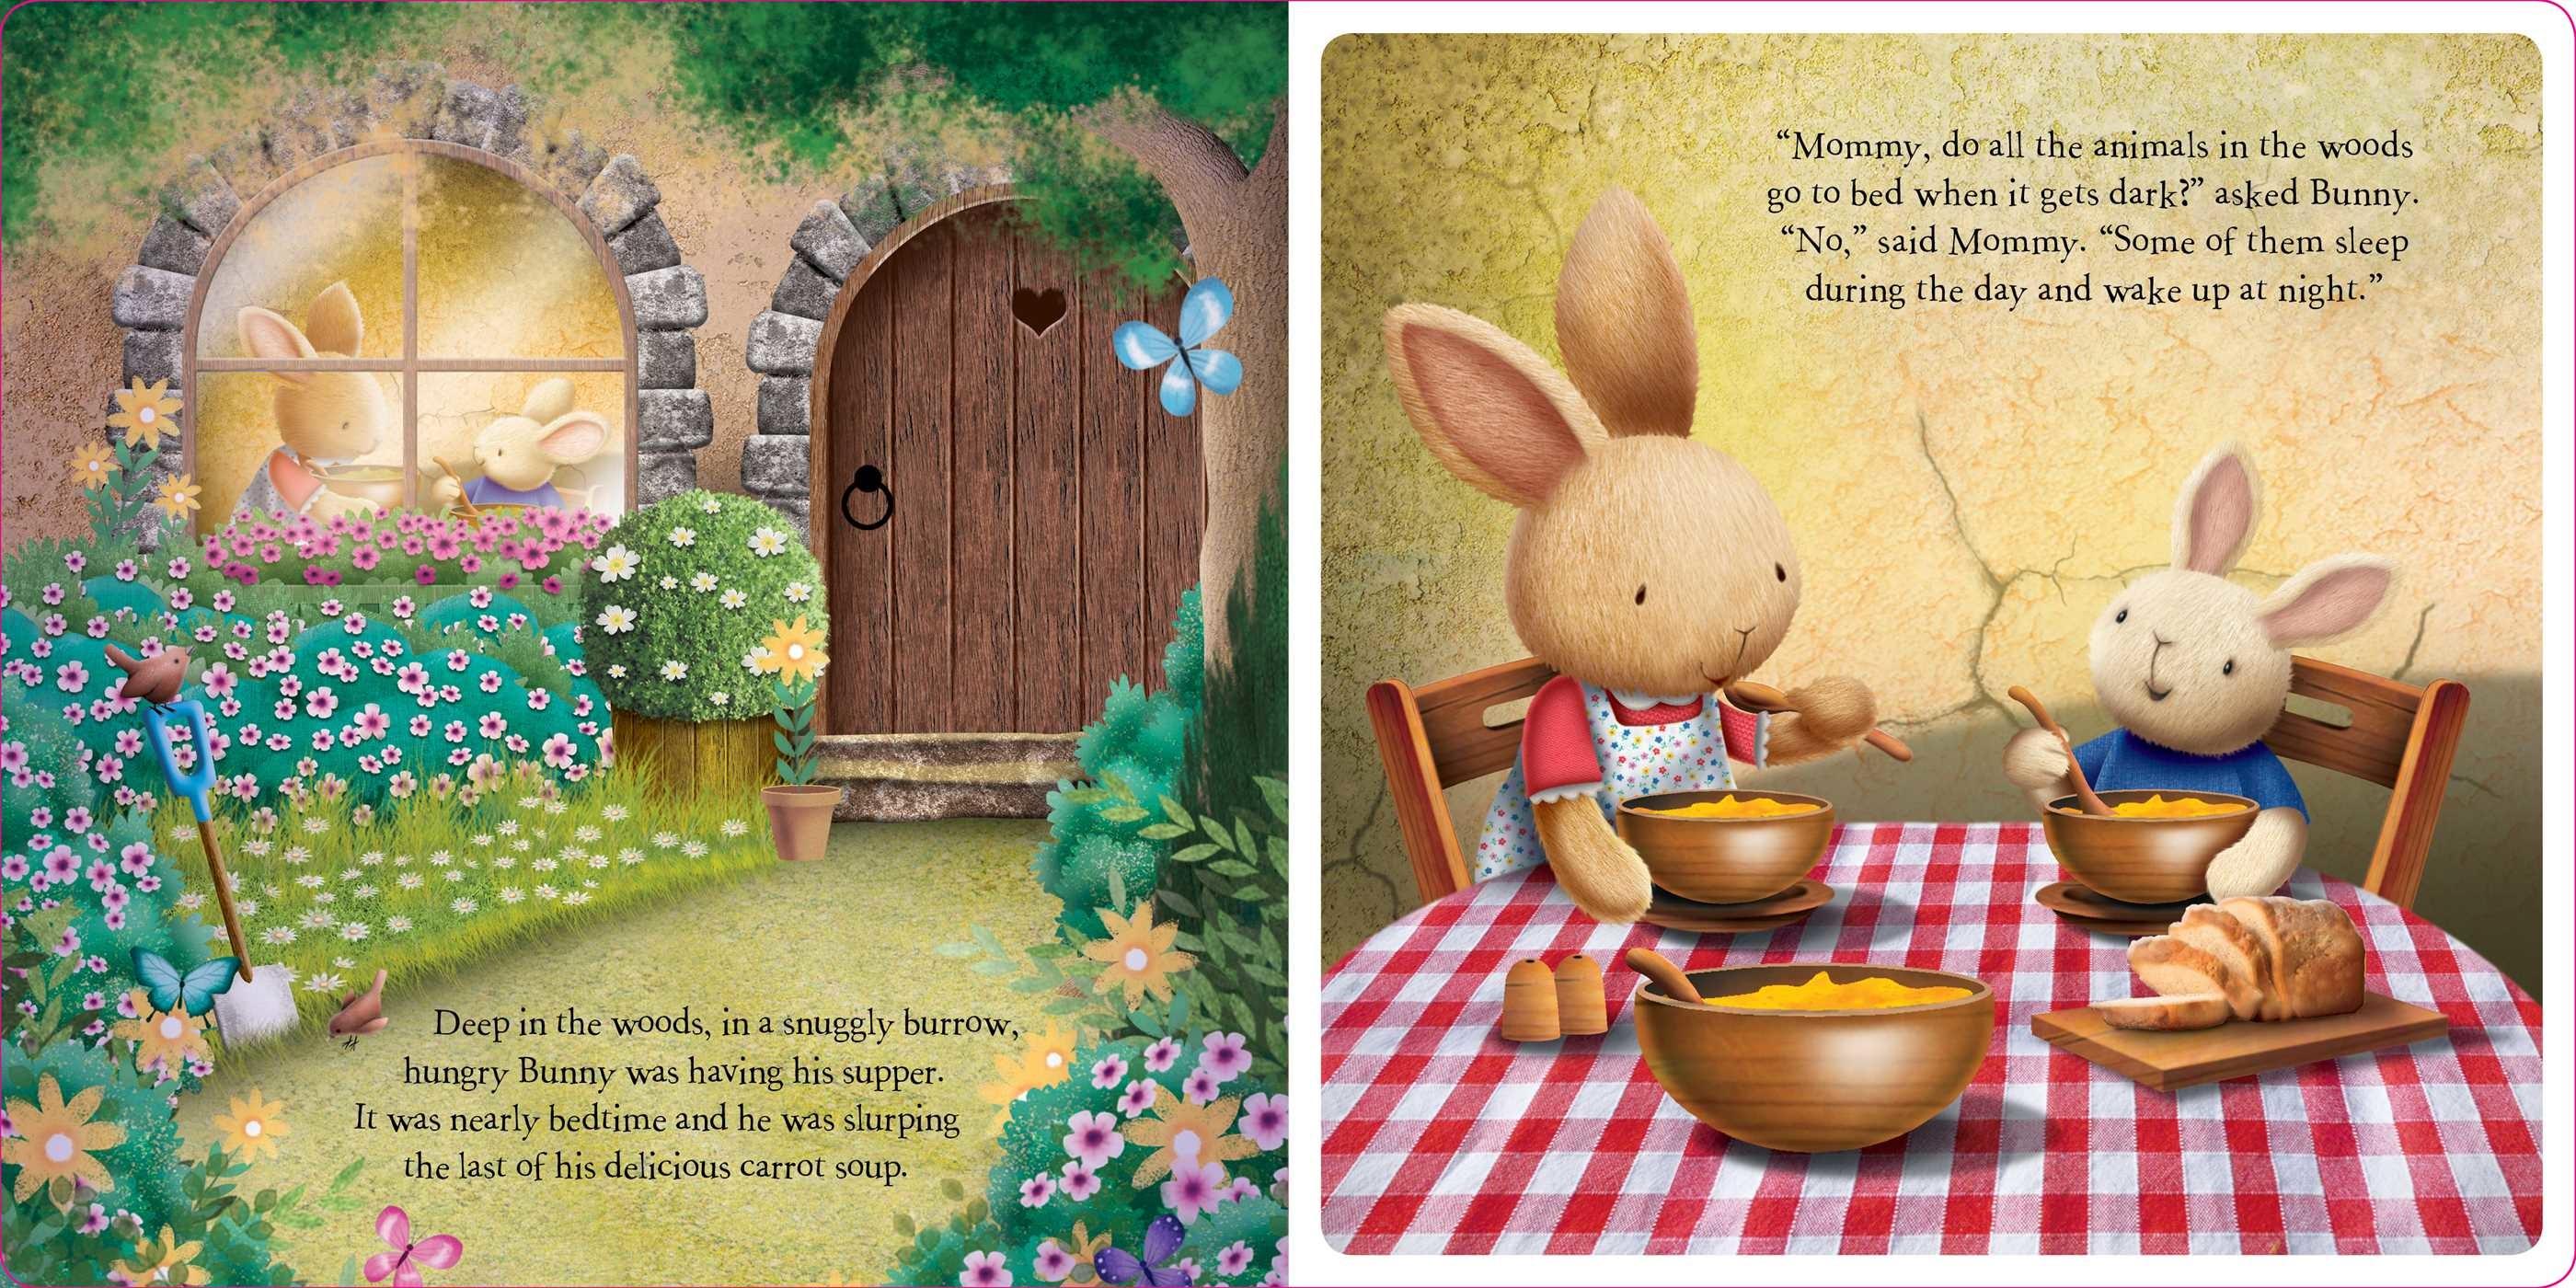 Nighttime bunny 9781499880816.in01